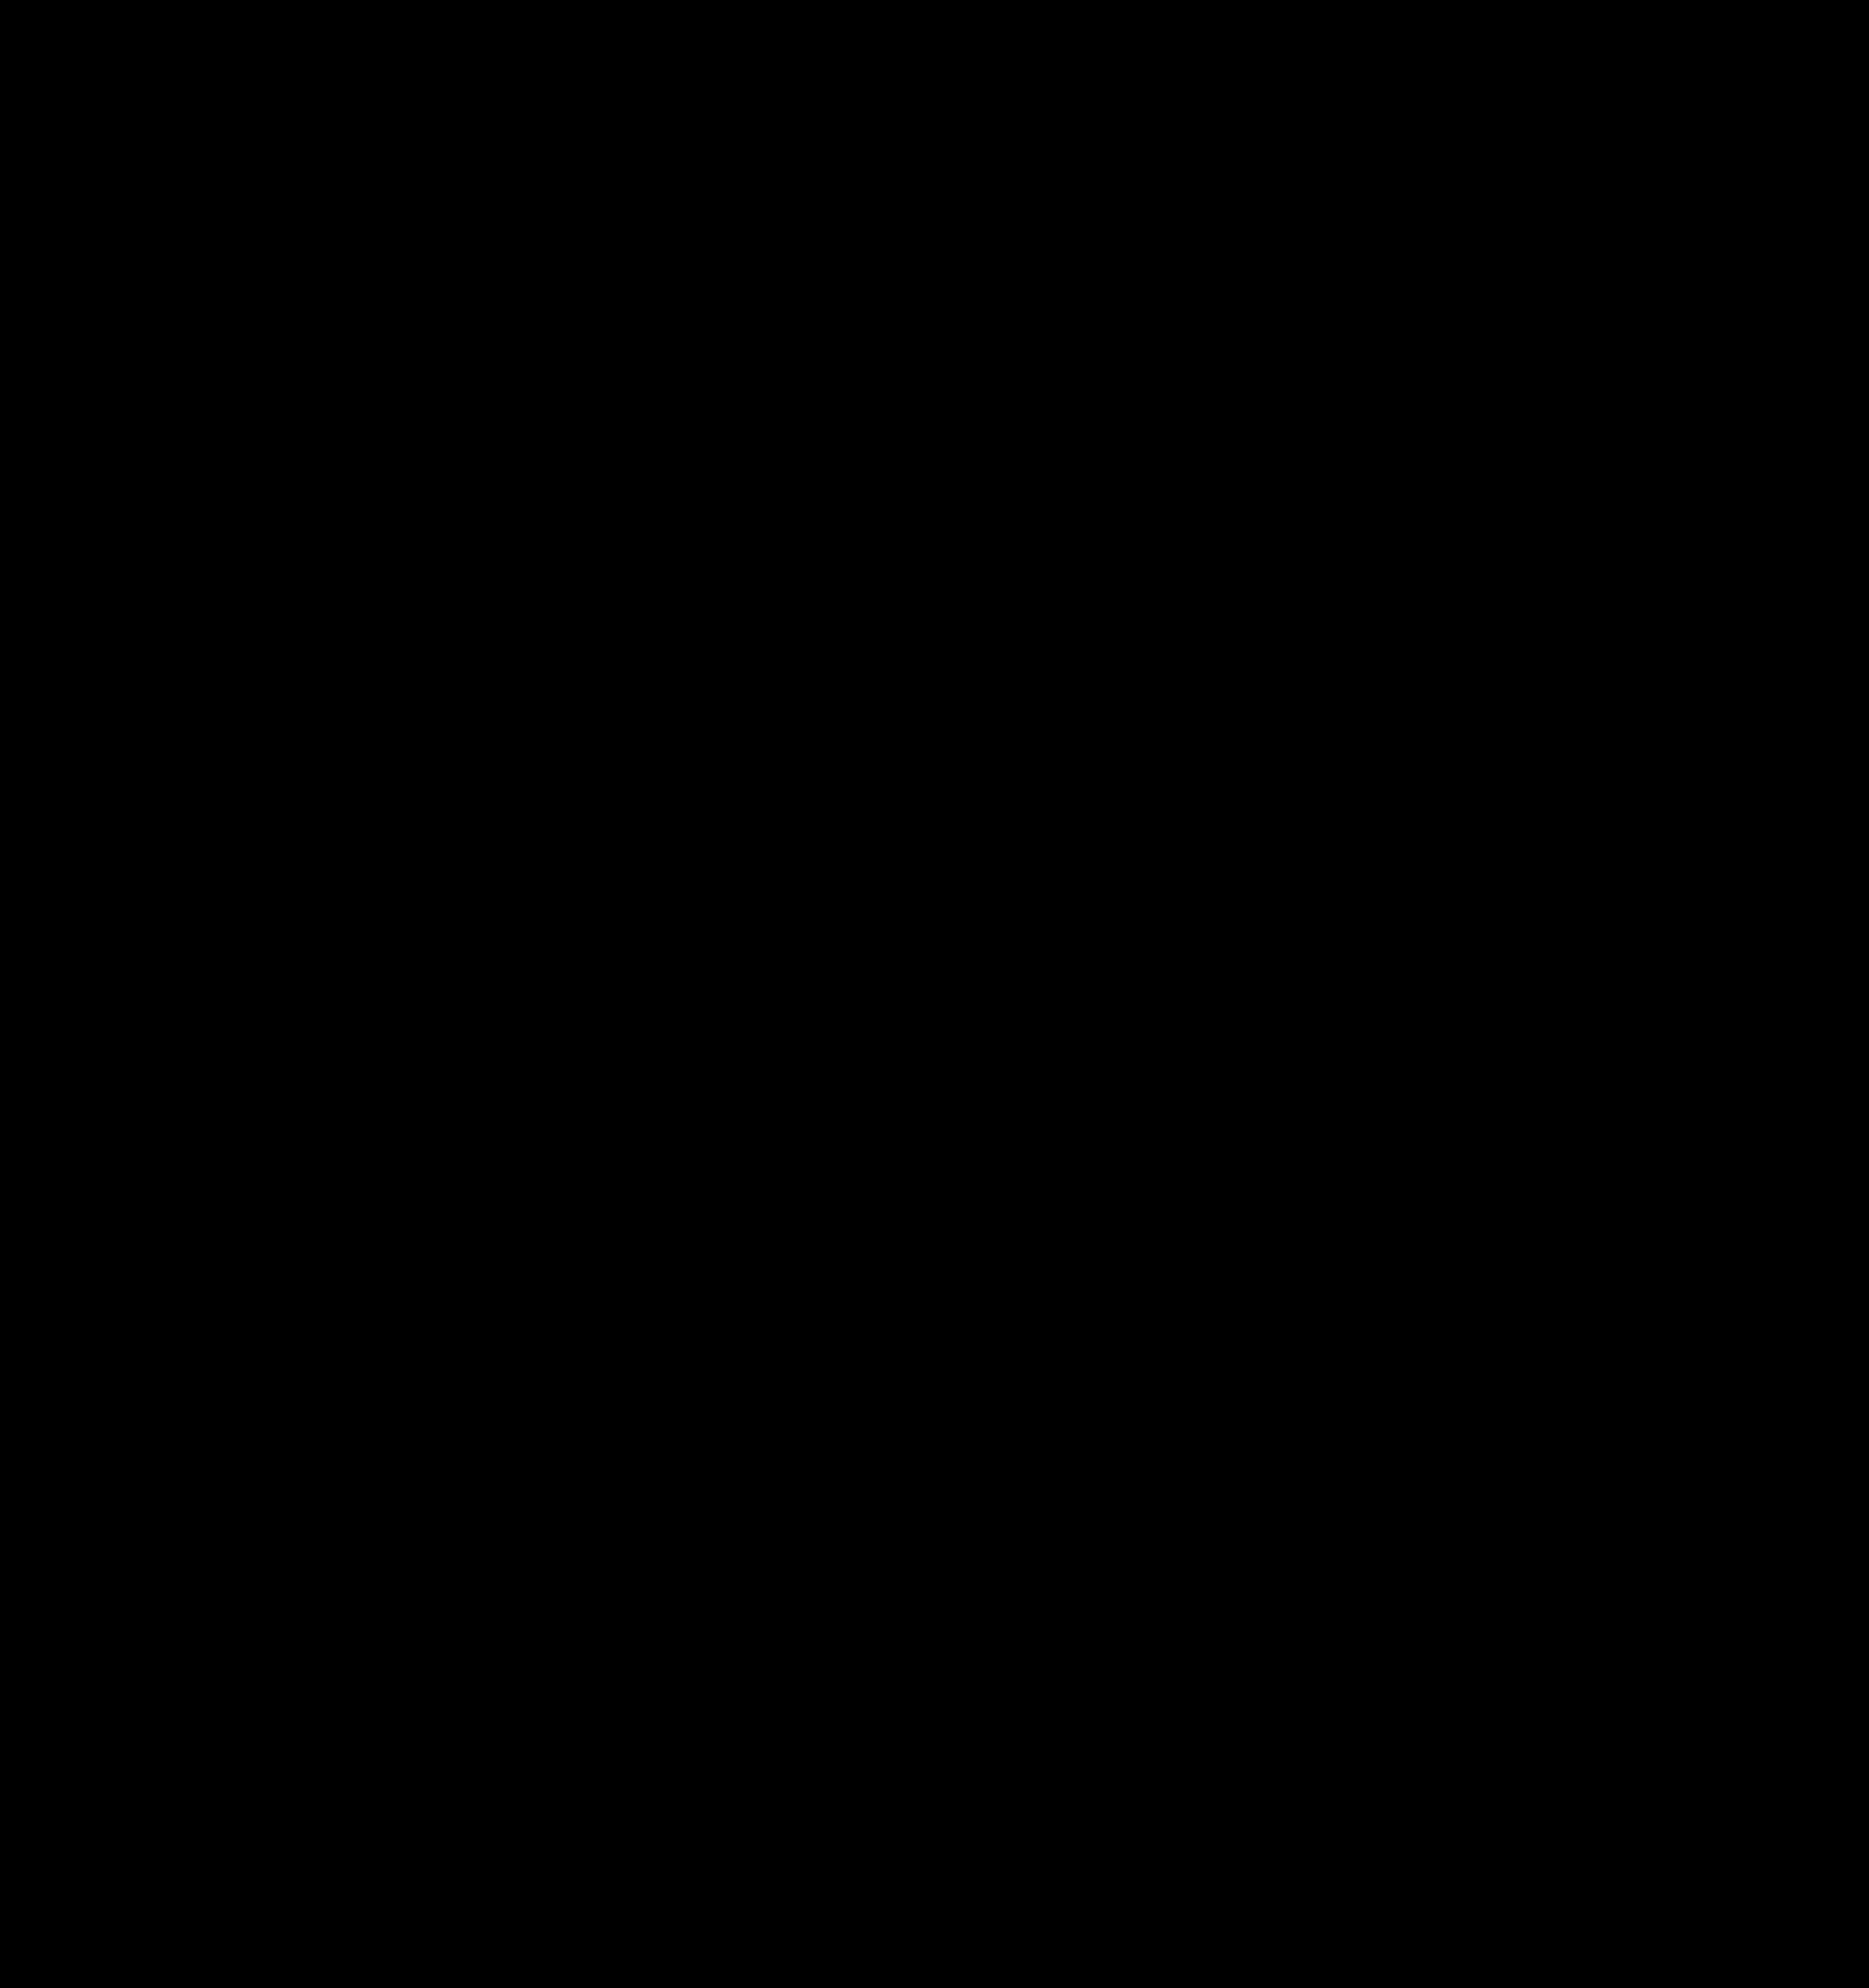 Image Capture-logo-black.png